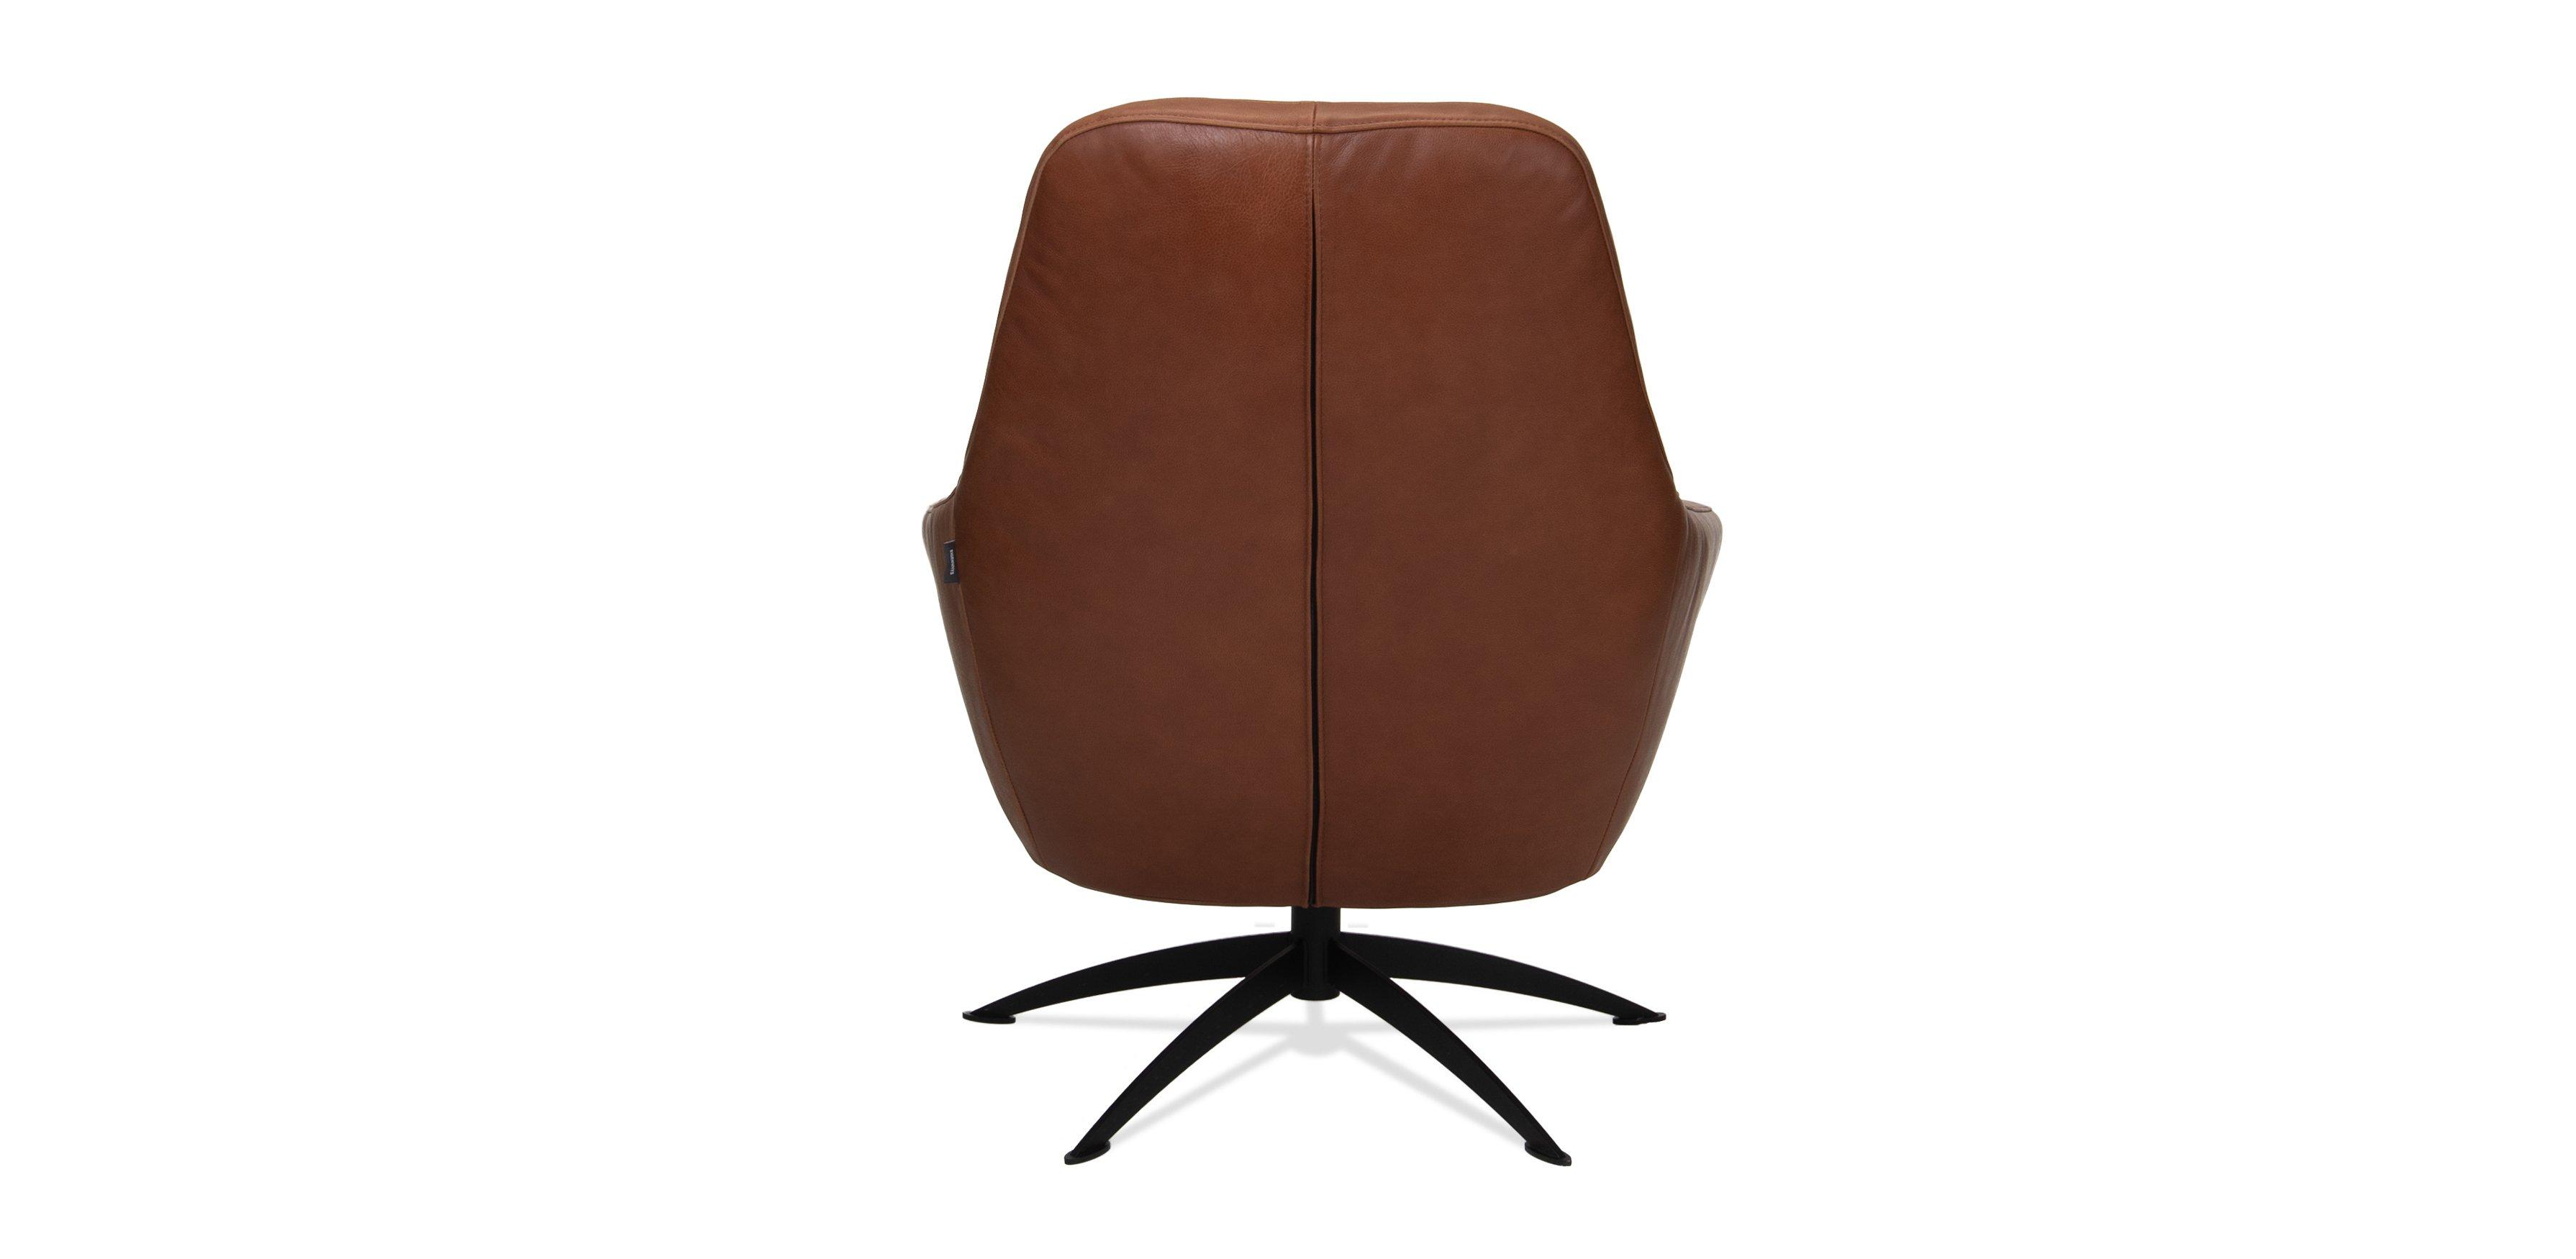 Specter fauteuil DYYK 6